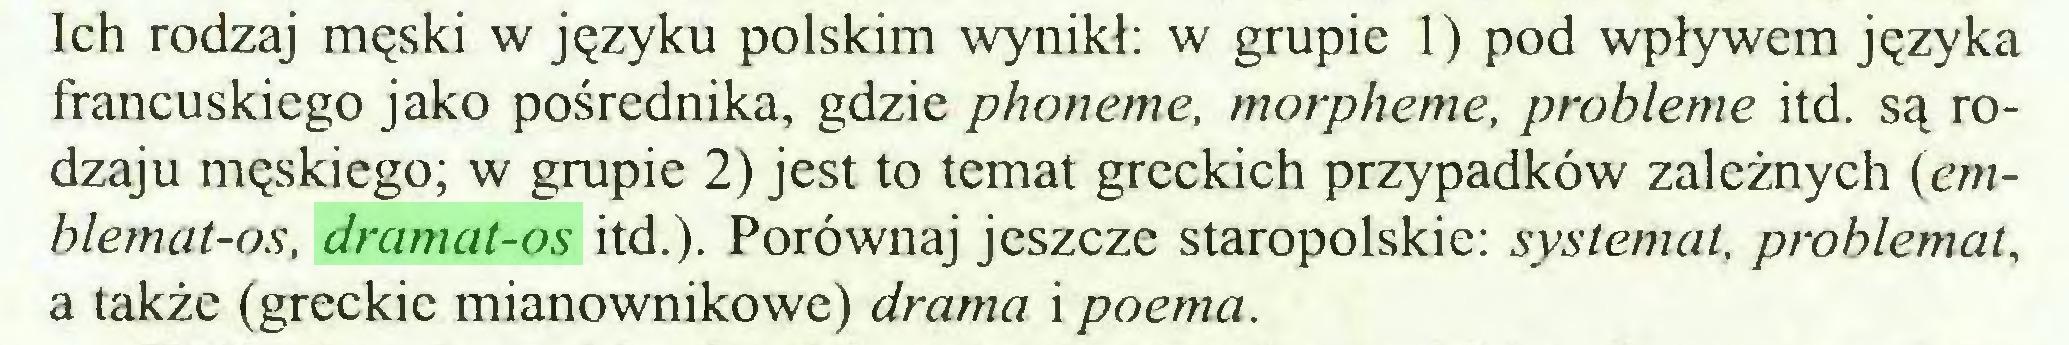 (...) Ich rodzaj męski w języku polskim wynikł: w grupie 1) pod wpływem języka francuskiego jako pośrednika, gdzie phoneme, morphème, problème itd. są rodzaju męskiego; w grupie 2) jest to temat greckich przypadków zależnych (emblemat-os, dramat-os itd.). Porównaj jeszcze staropolskie: systemat, problemat, a także (greckie mianownikowe) drama i poema...